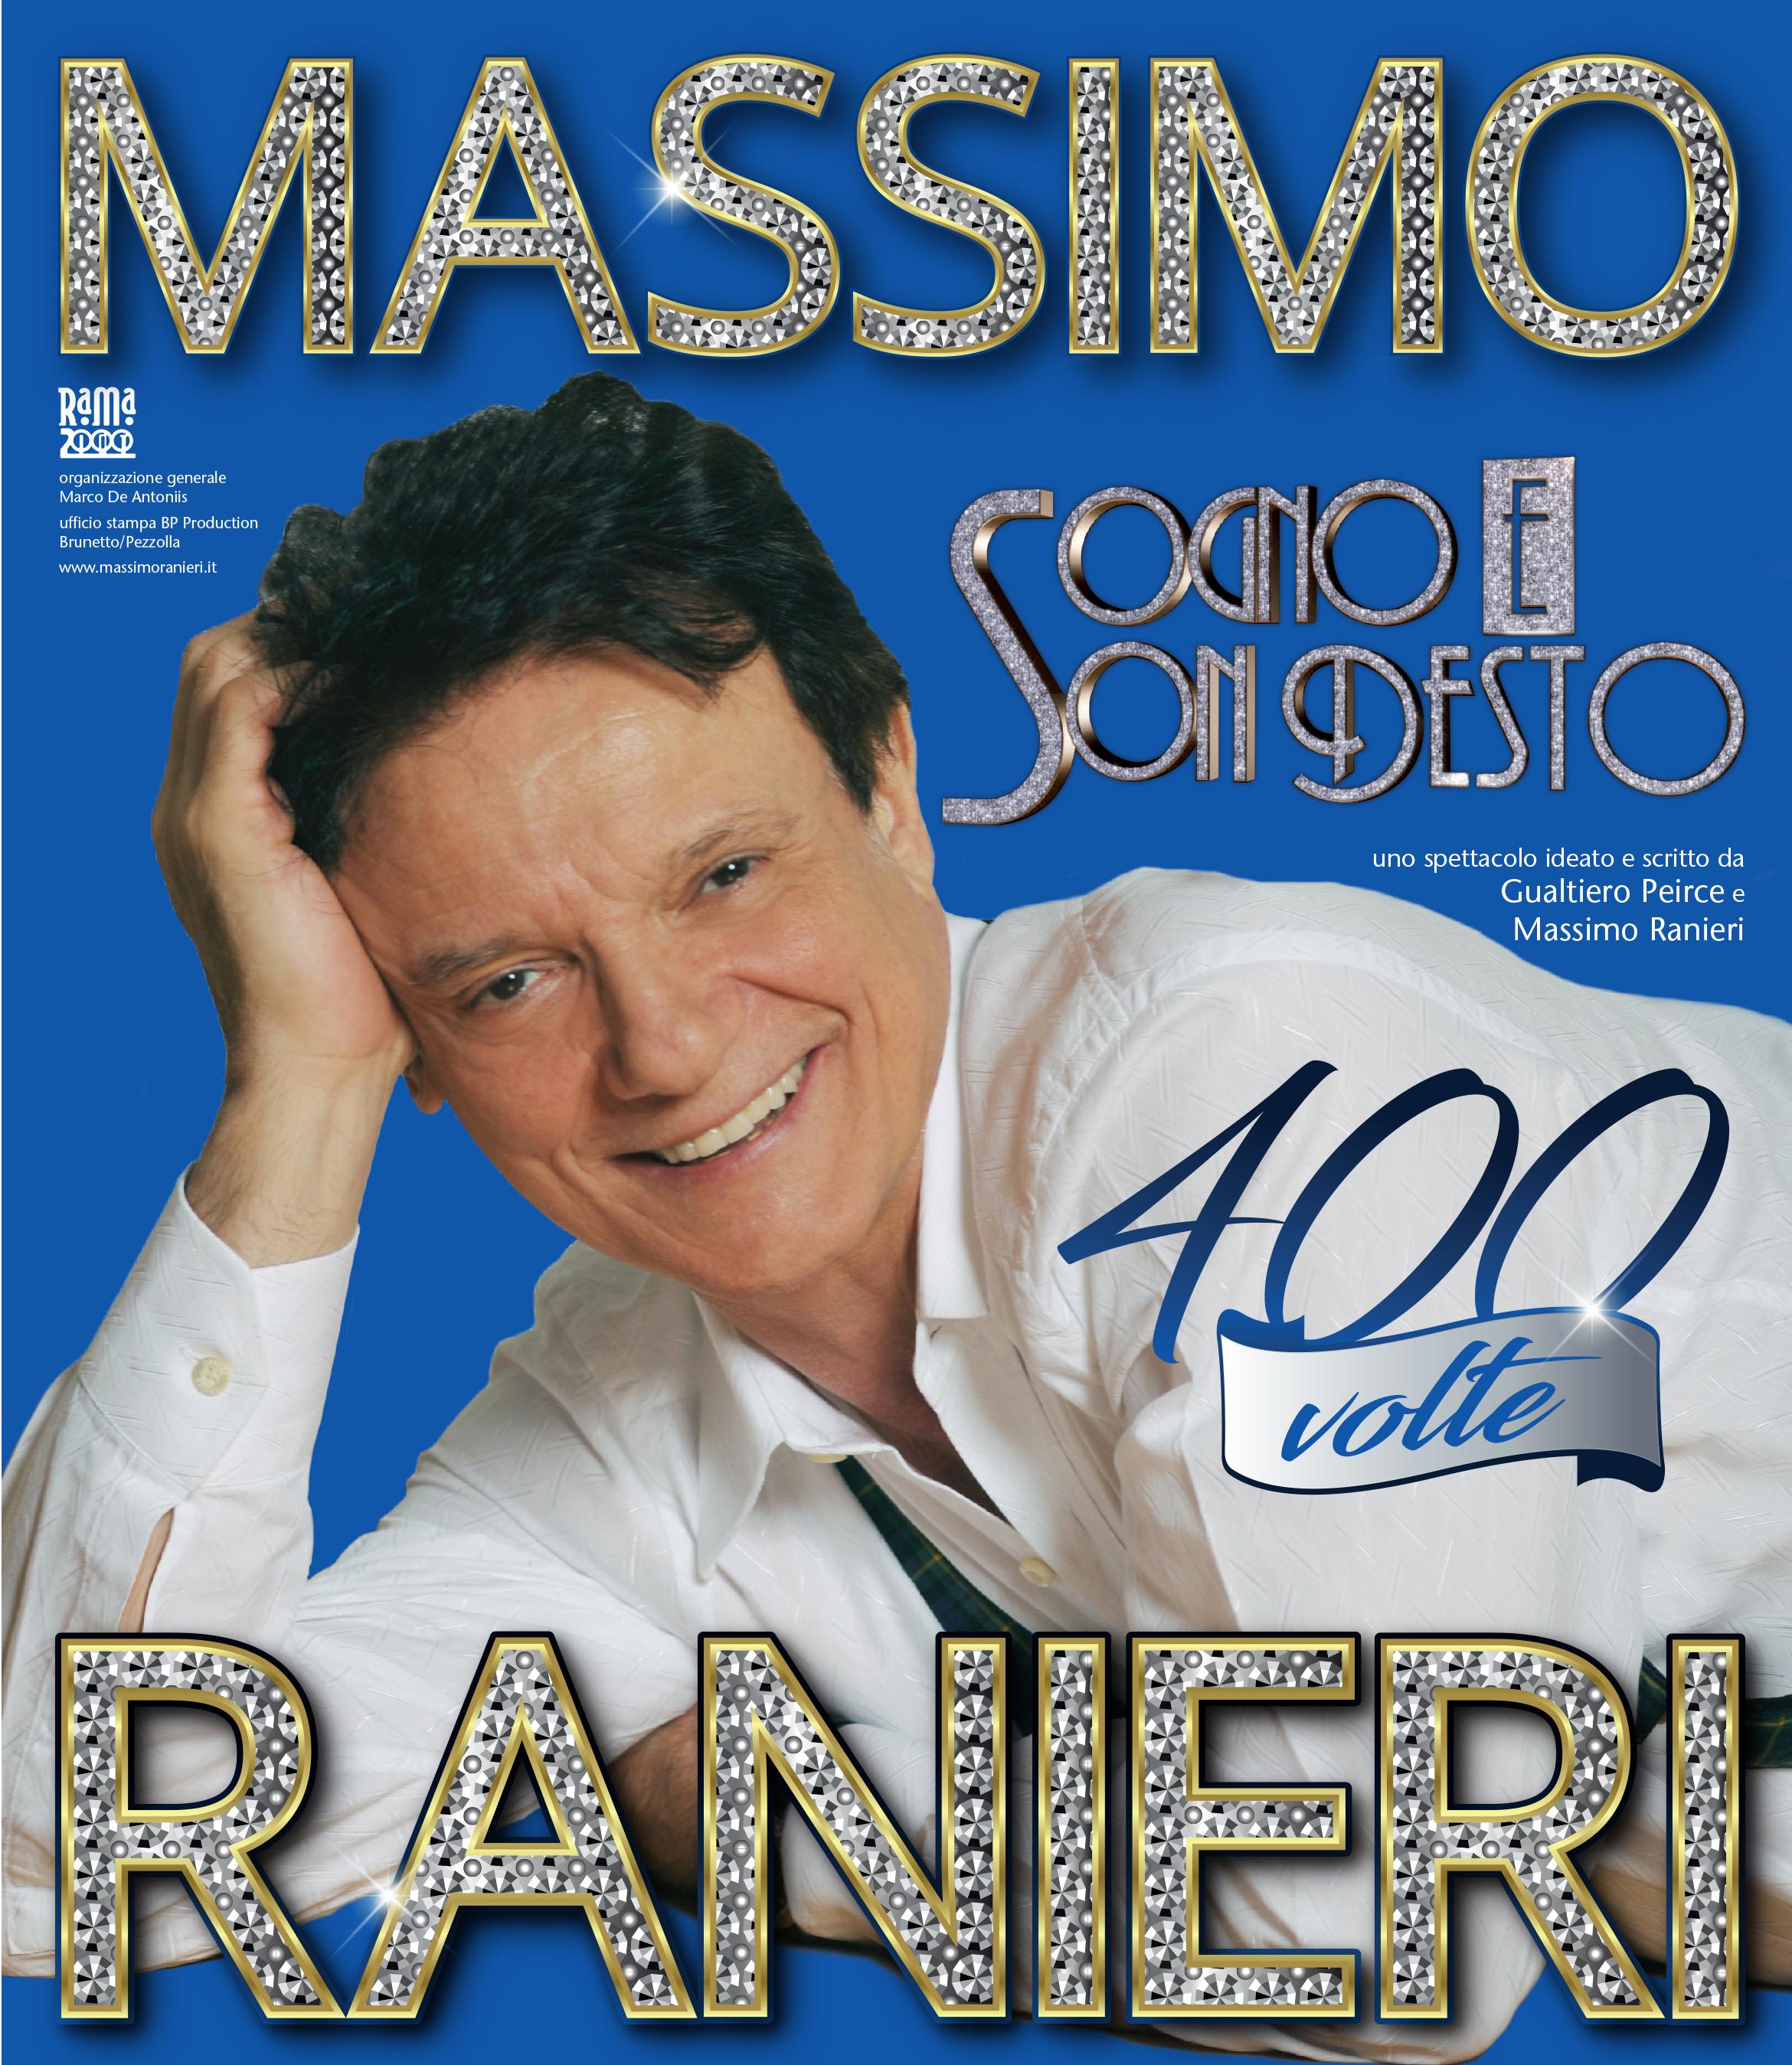 """MASSIMO RANIERI TORNA A INCANTARE I PIÙ GRANDI TEATRI ITALIANI, SOLD OUT A MILANO E BERGAMO PER IL SUO """"SOGNO E SON DESTO 400 VOLTE"""""""